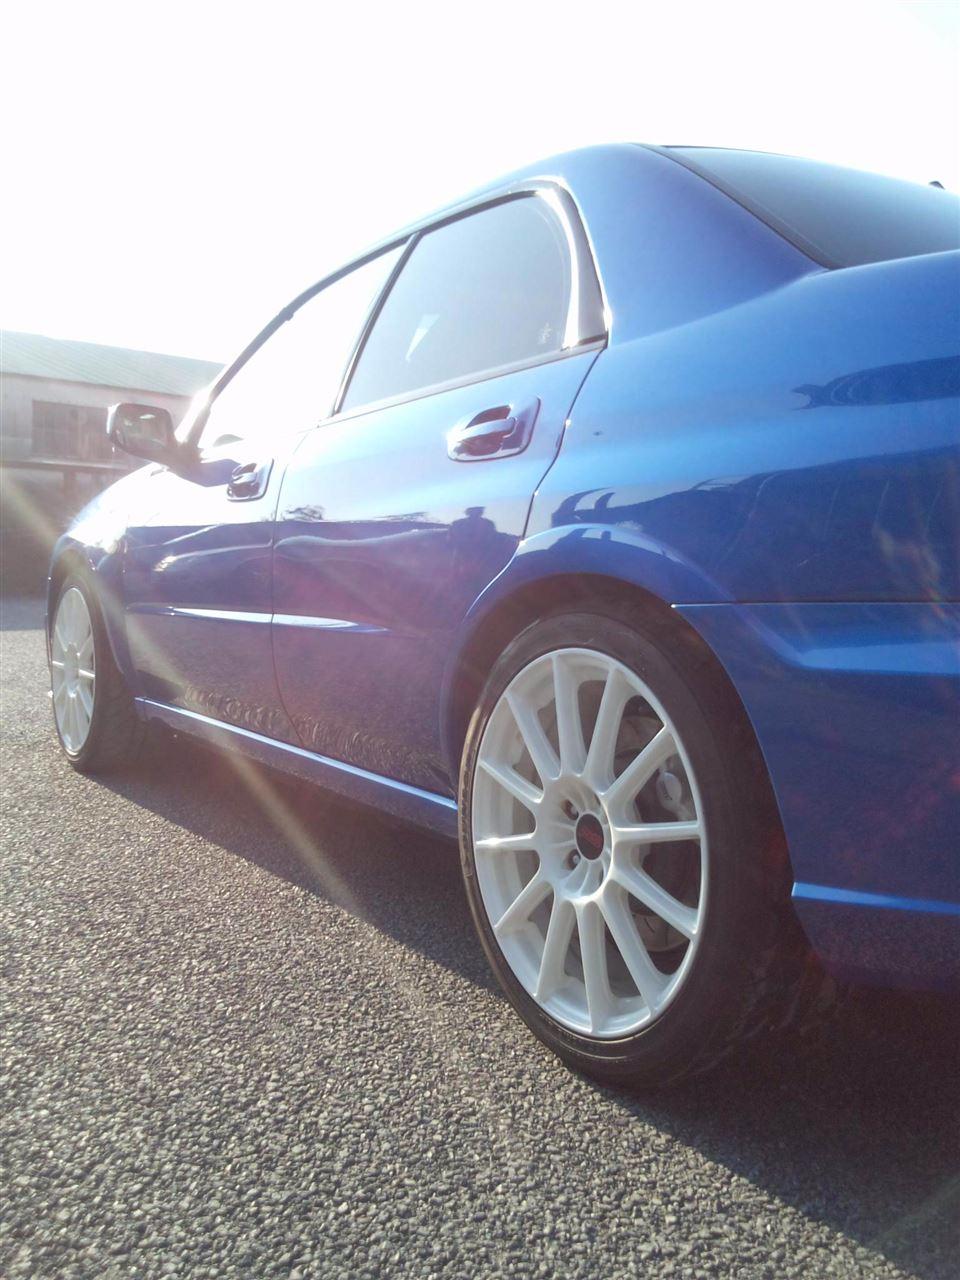 東京都立川市の車の板金塗装修理工場 ガレージローライドのスバル インプレッサのボディー磨き&ジーゾックスリアルガラスコート艶プラス です。